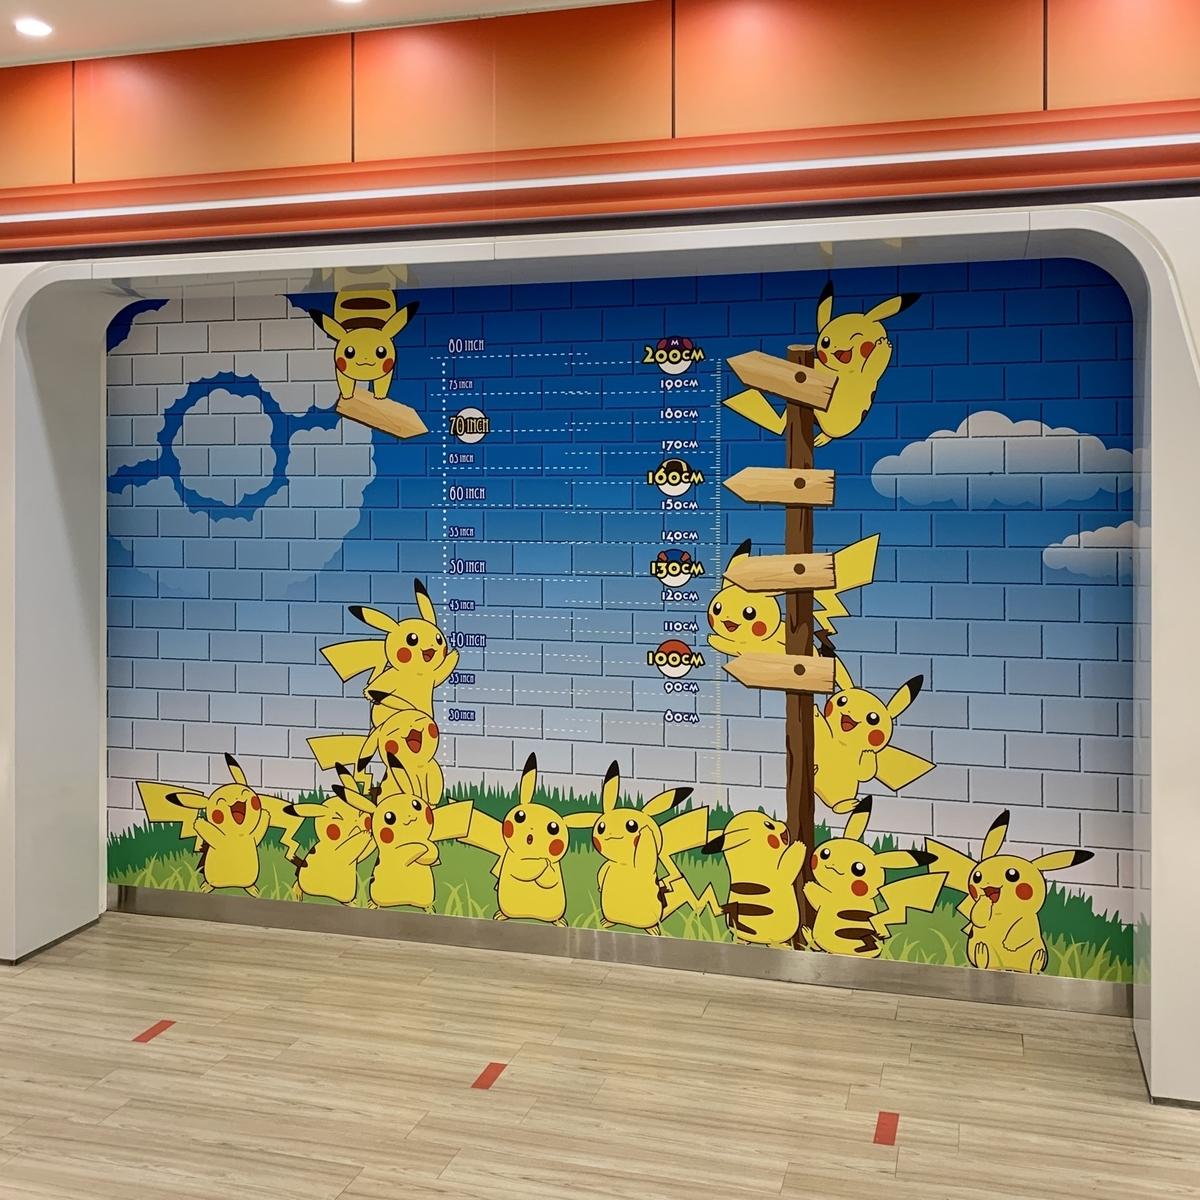 f:id:pikachu_pcn:20200606185410j:plain